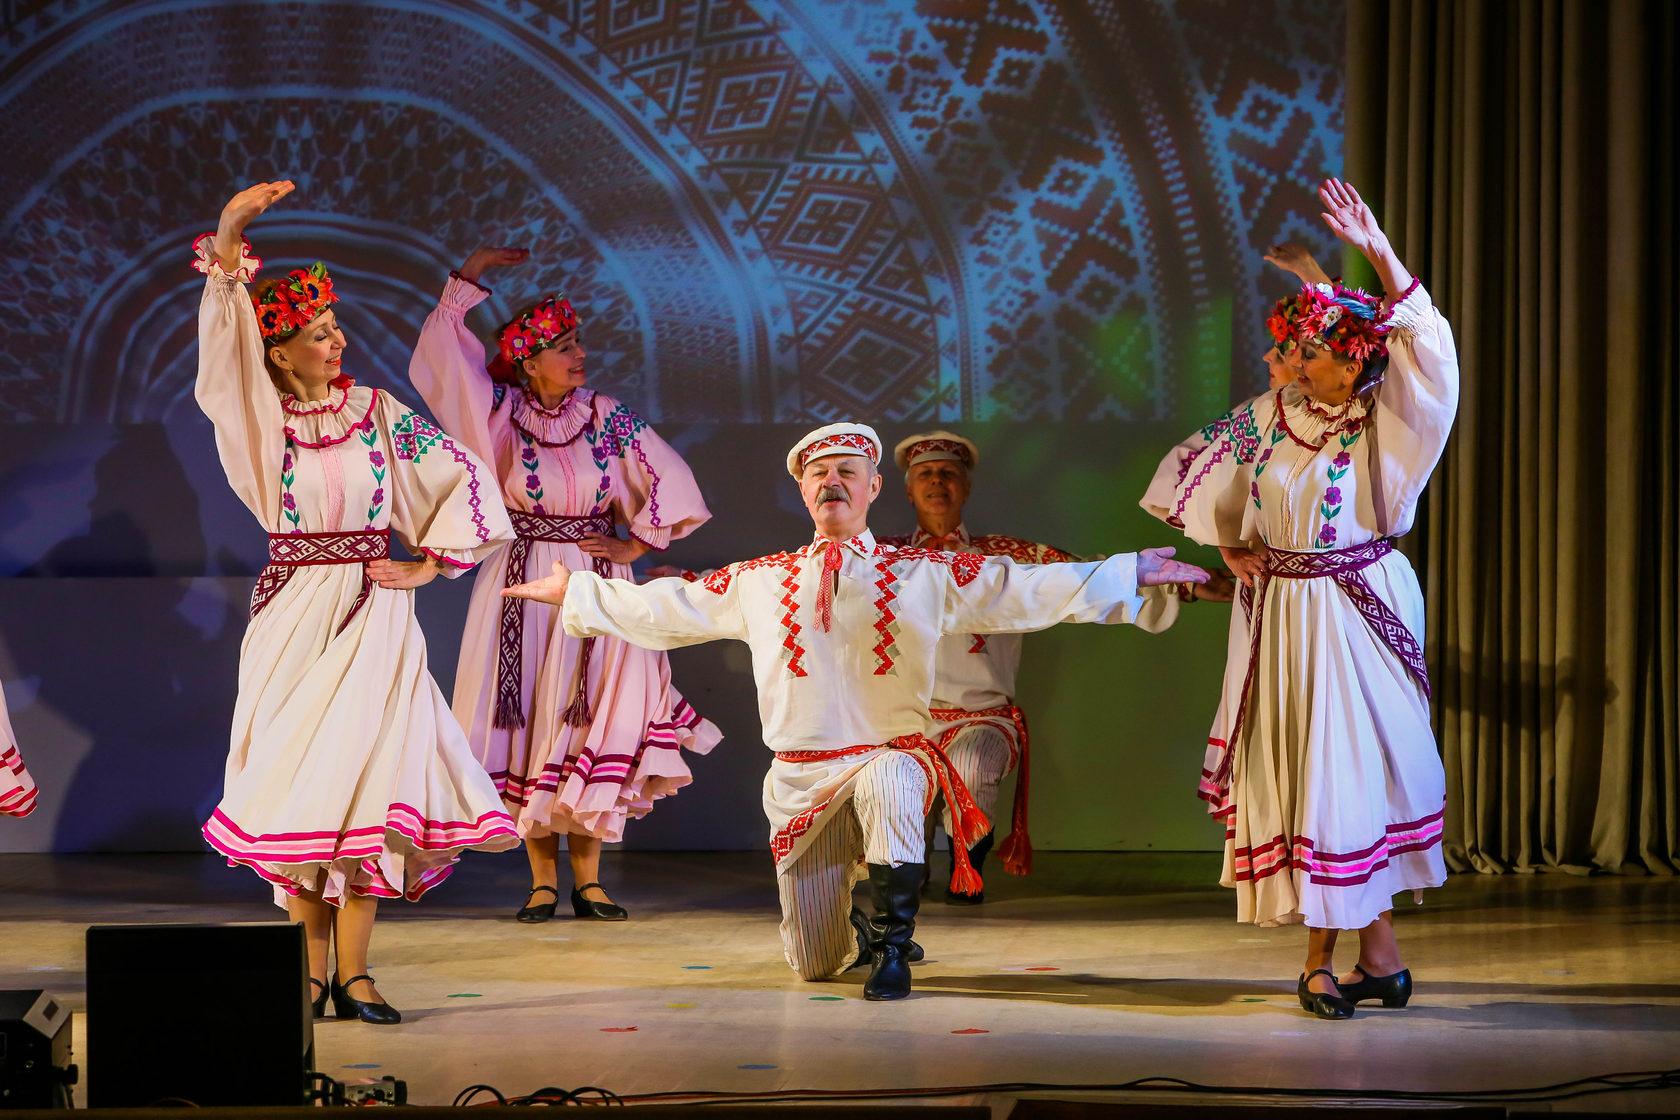 фото основных движений белорусских народных танцев строят крупные здания